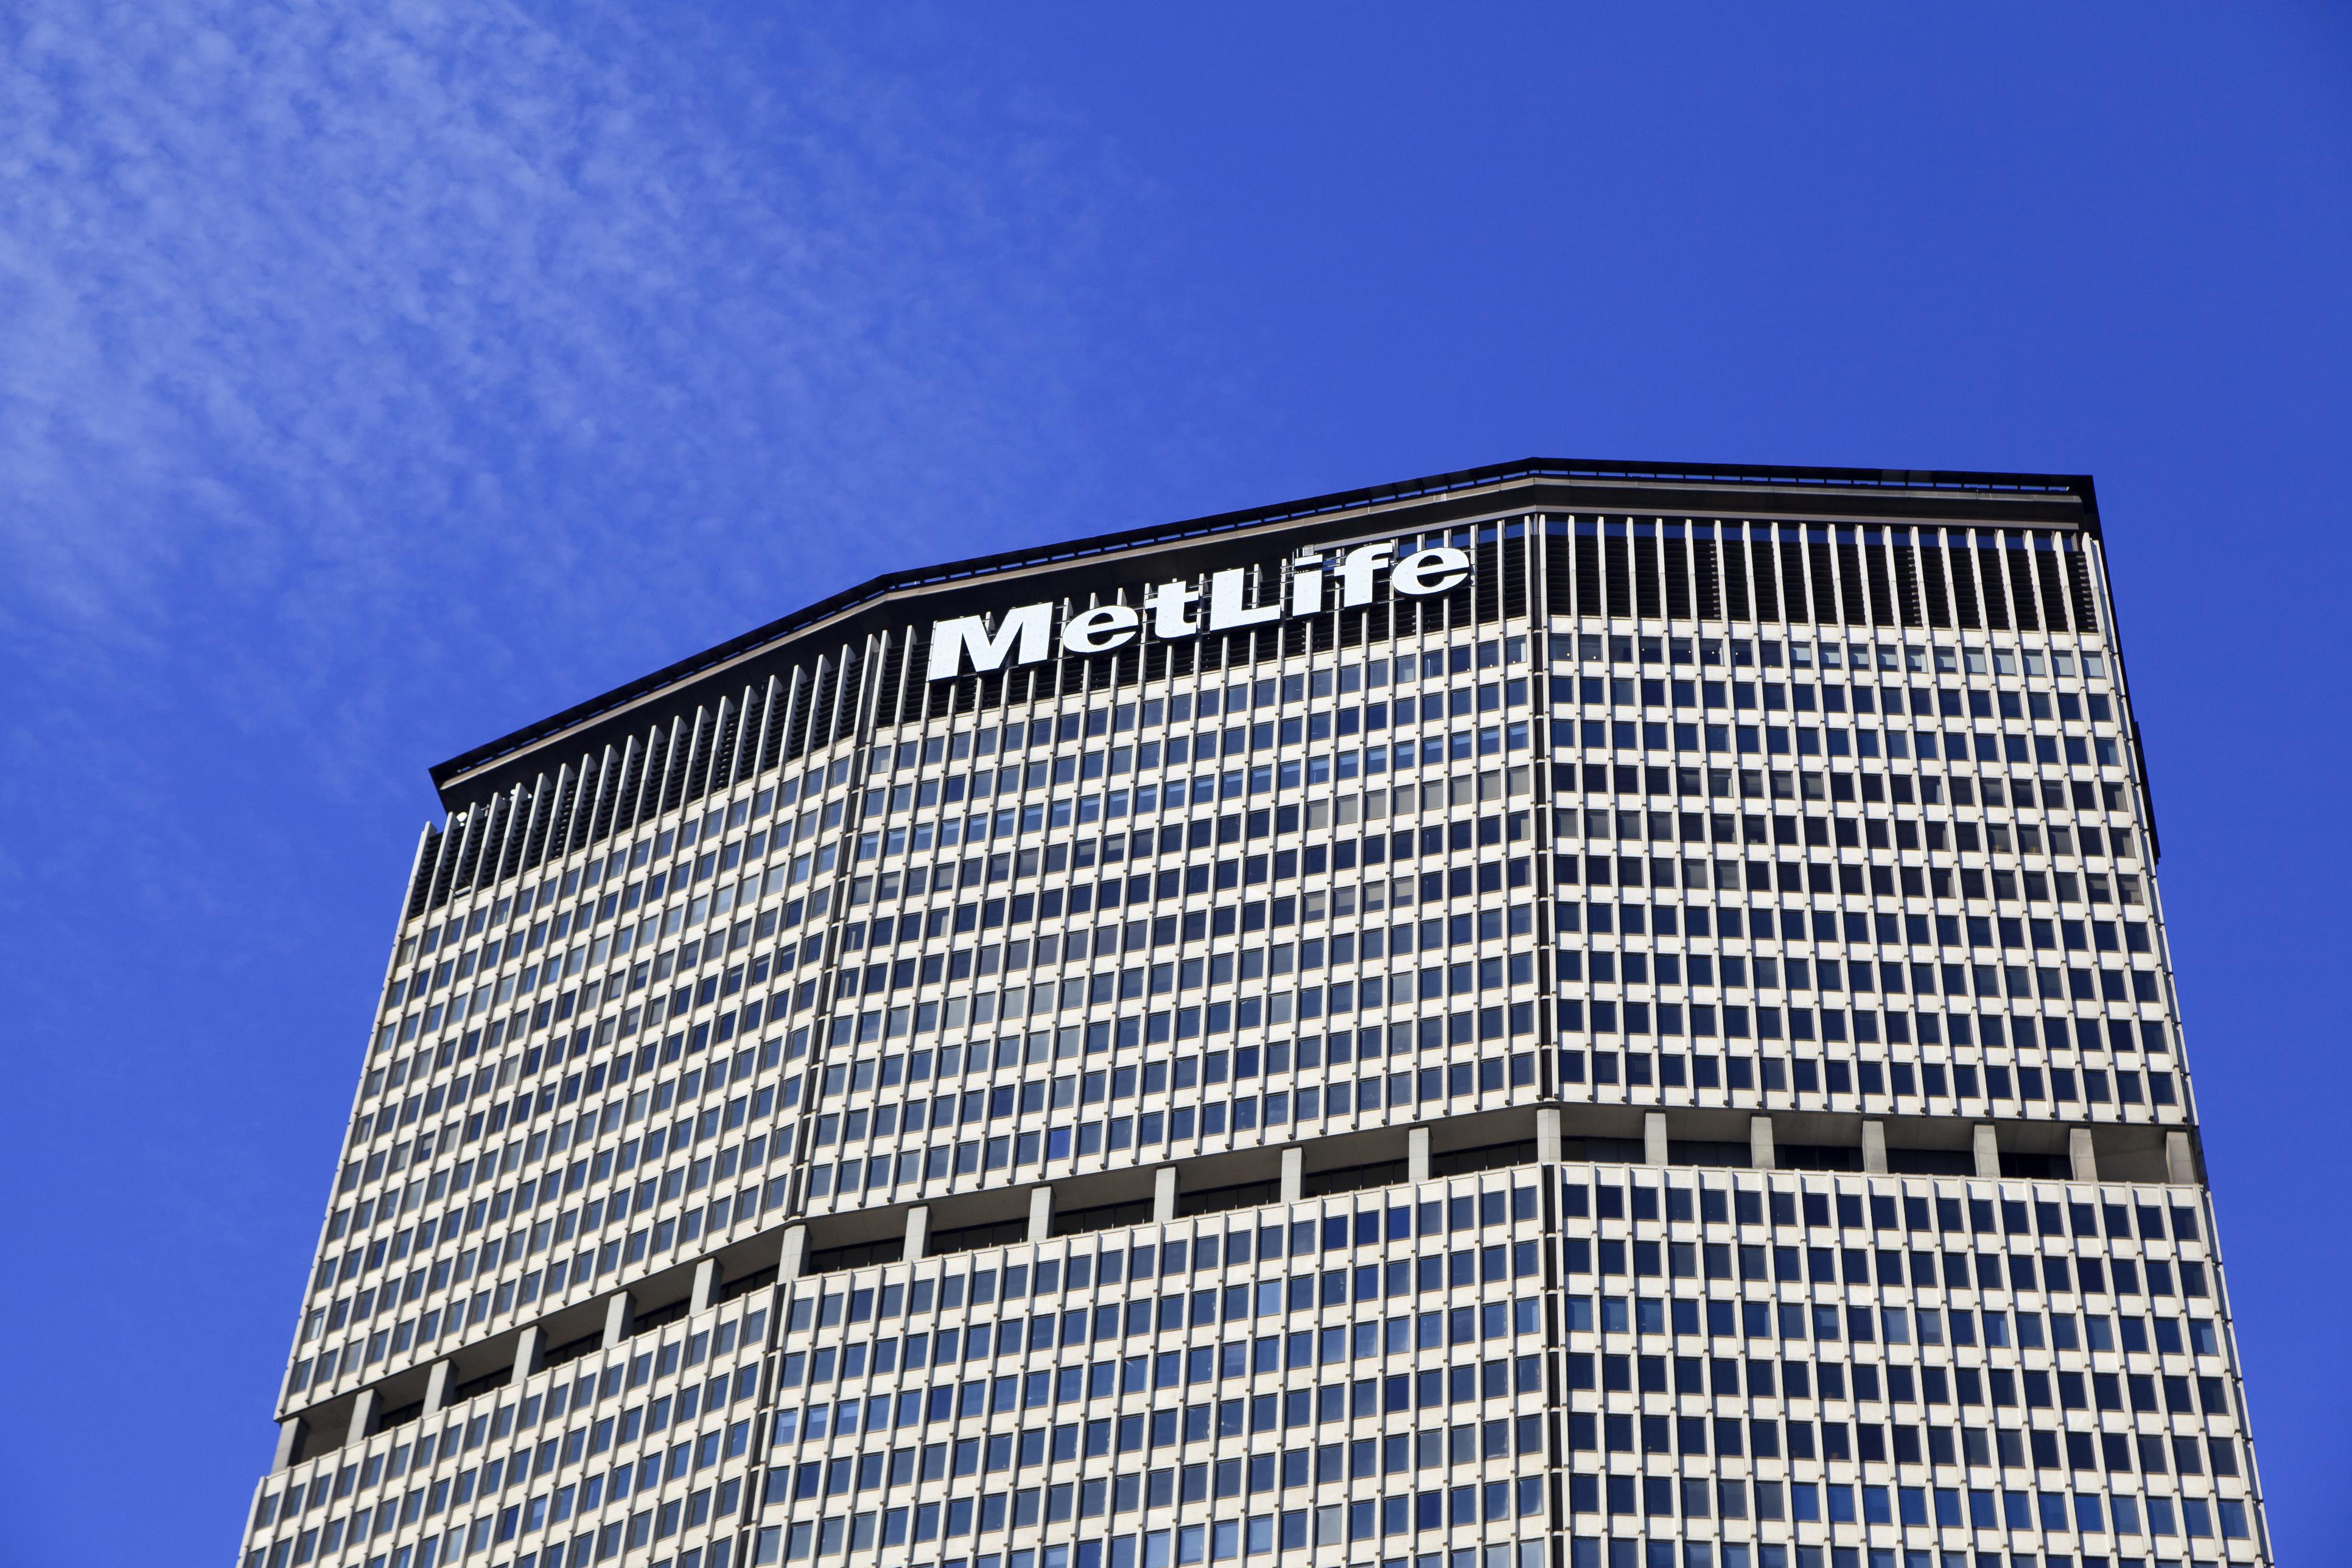 MetLife profit rises in Q4